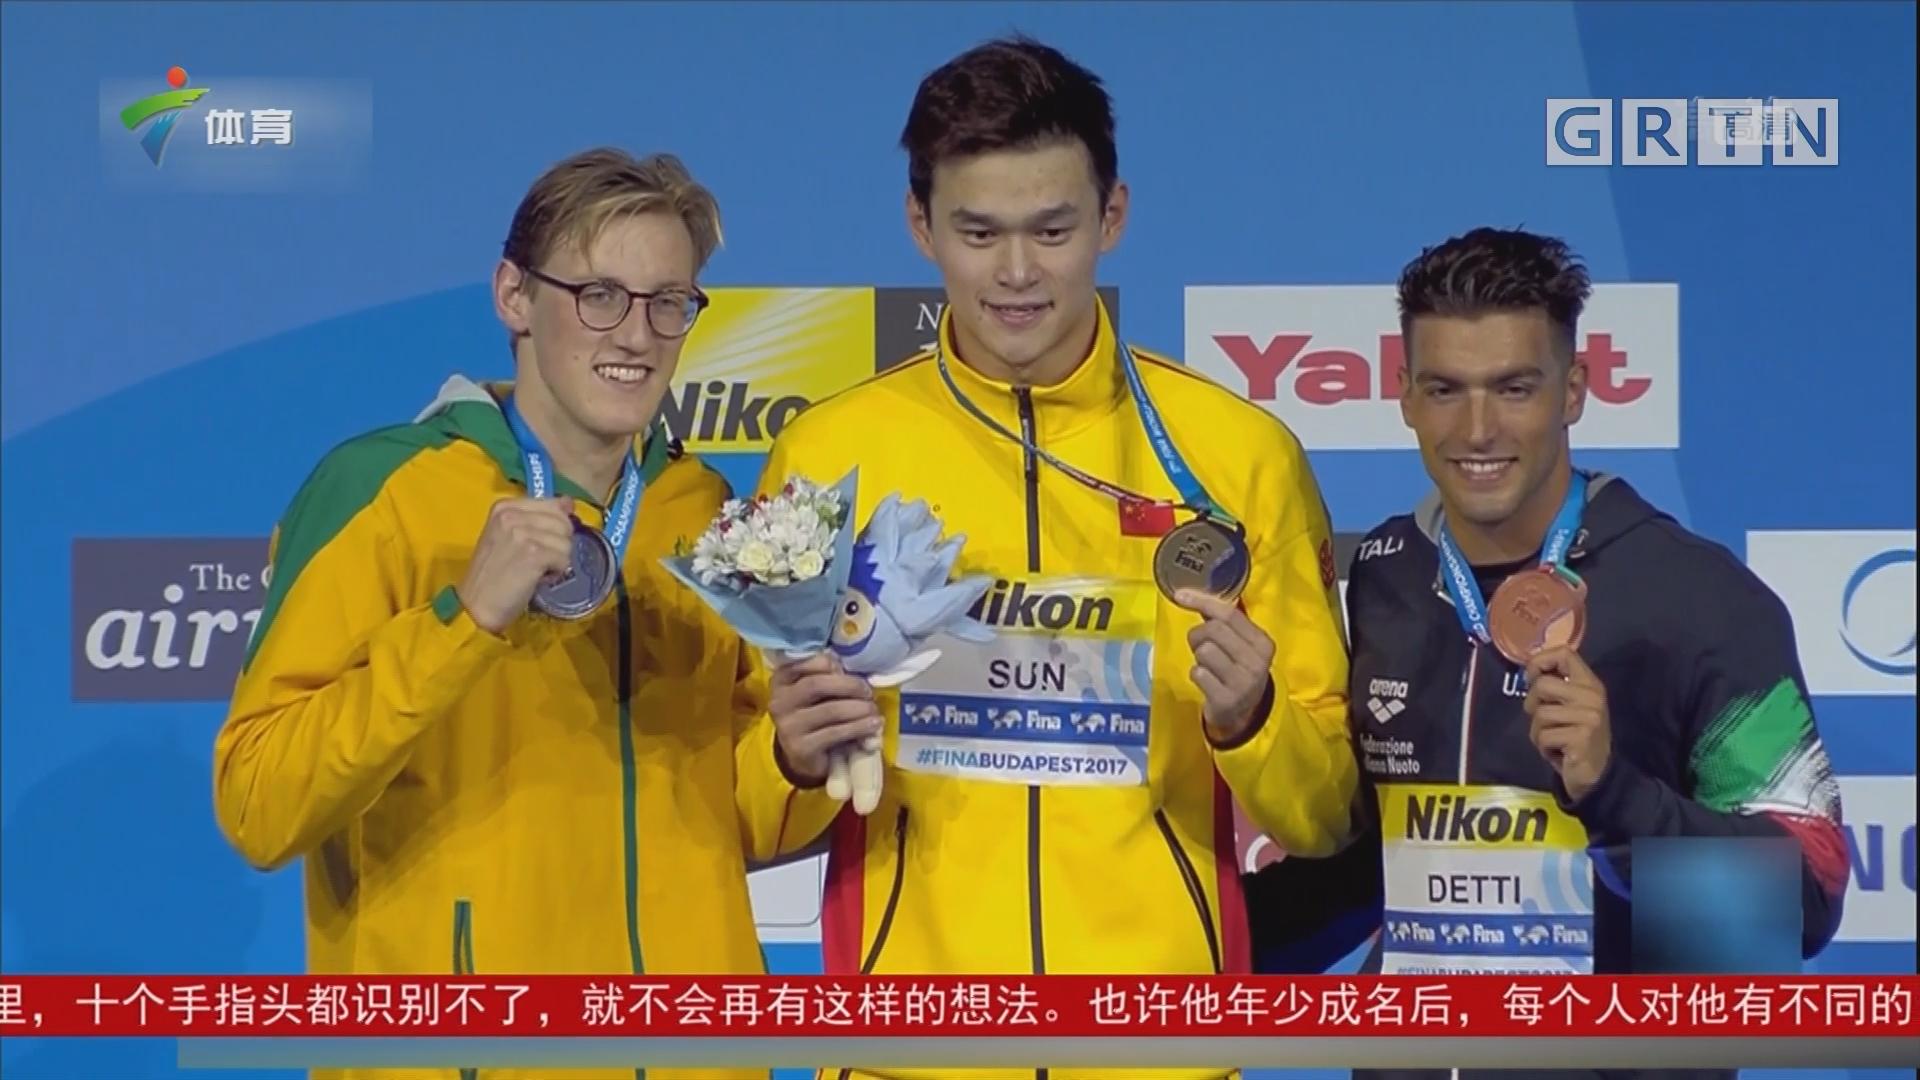 孙杨实现世锦赛400米自由泳三连冠